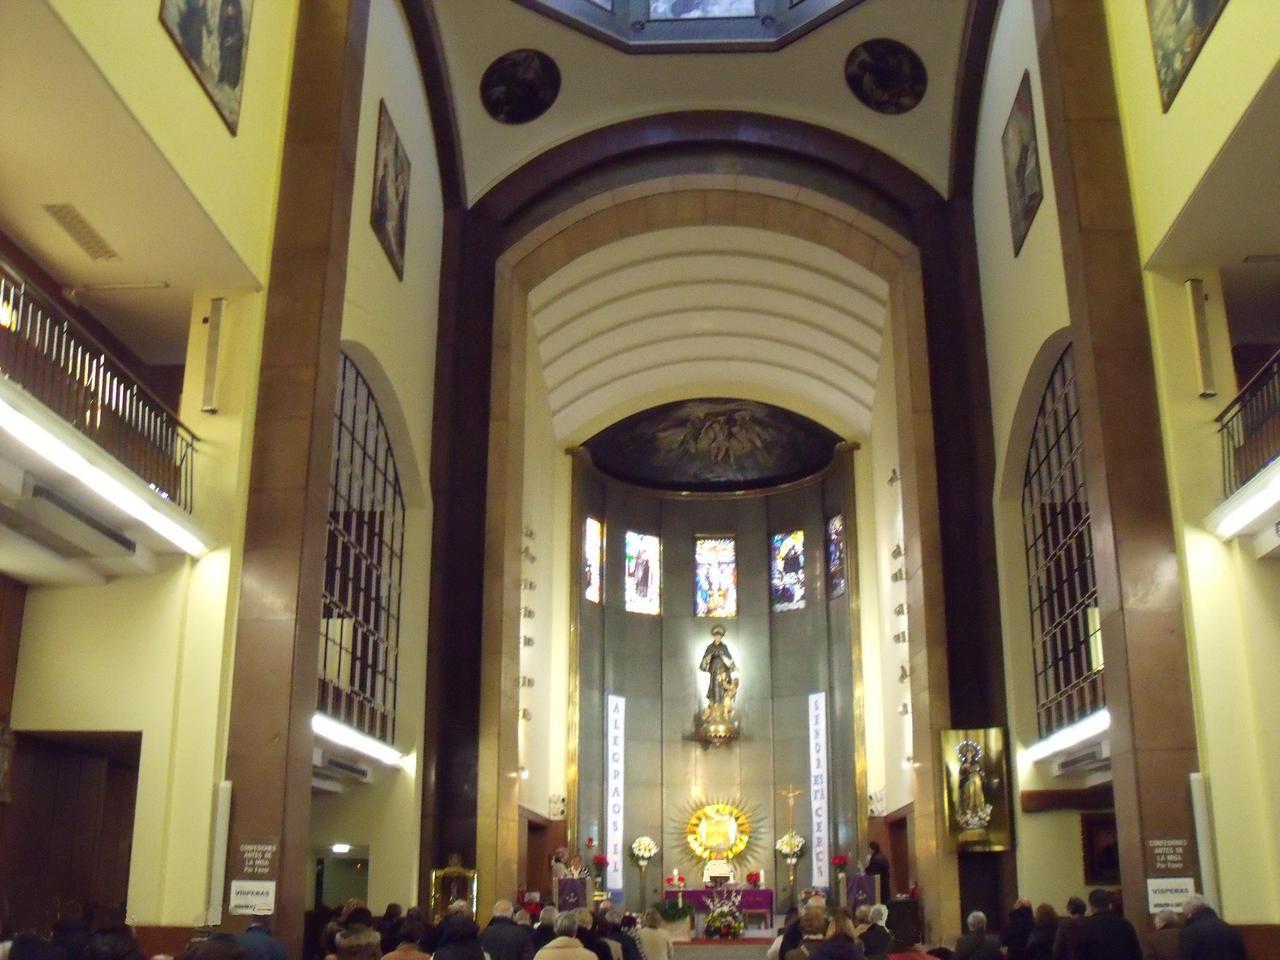 Concebida entre 1924 y 1931, es erigida como parroquia en 1965 por el arzobispo Morcillo